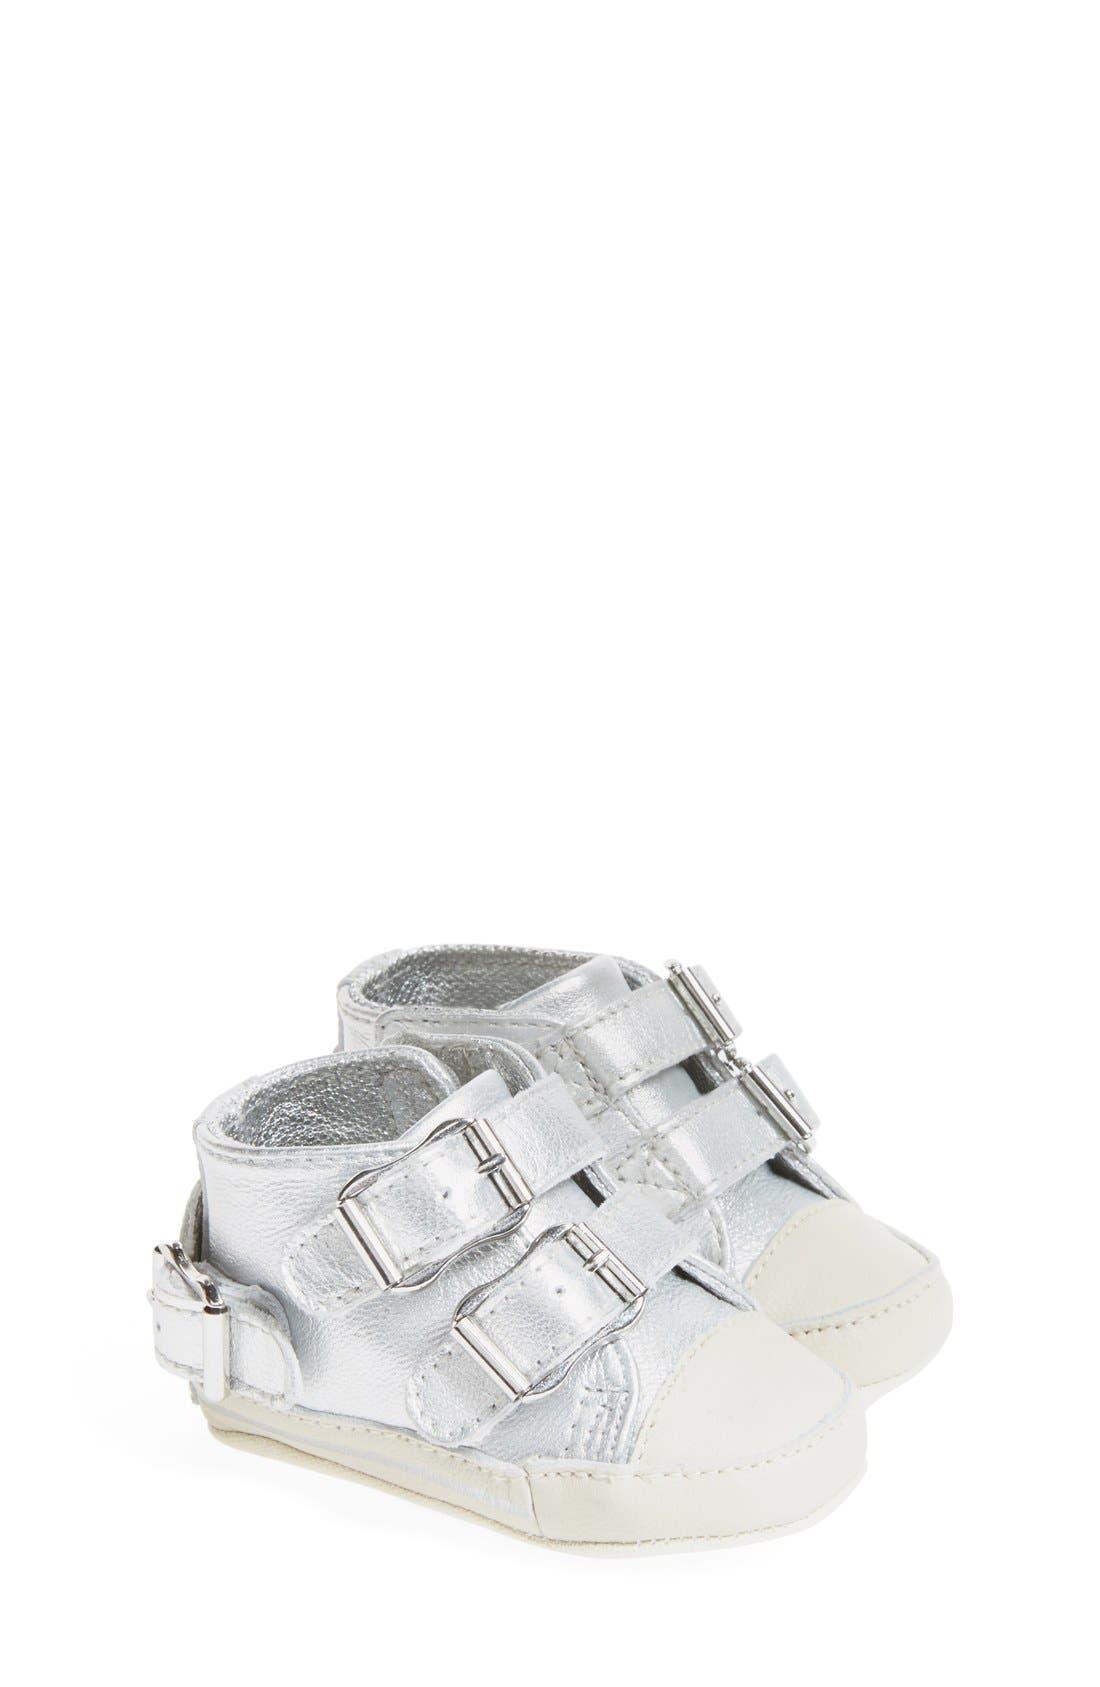 'Vava' Sneaker,                         Main,                         color, Silver